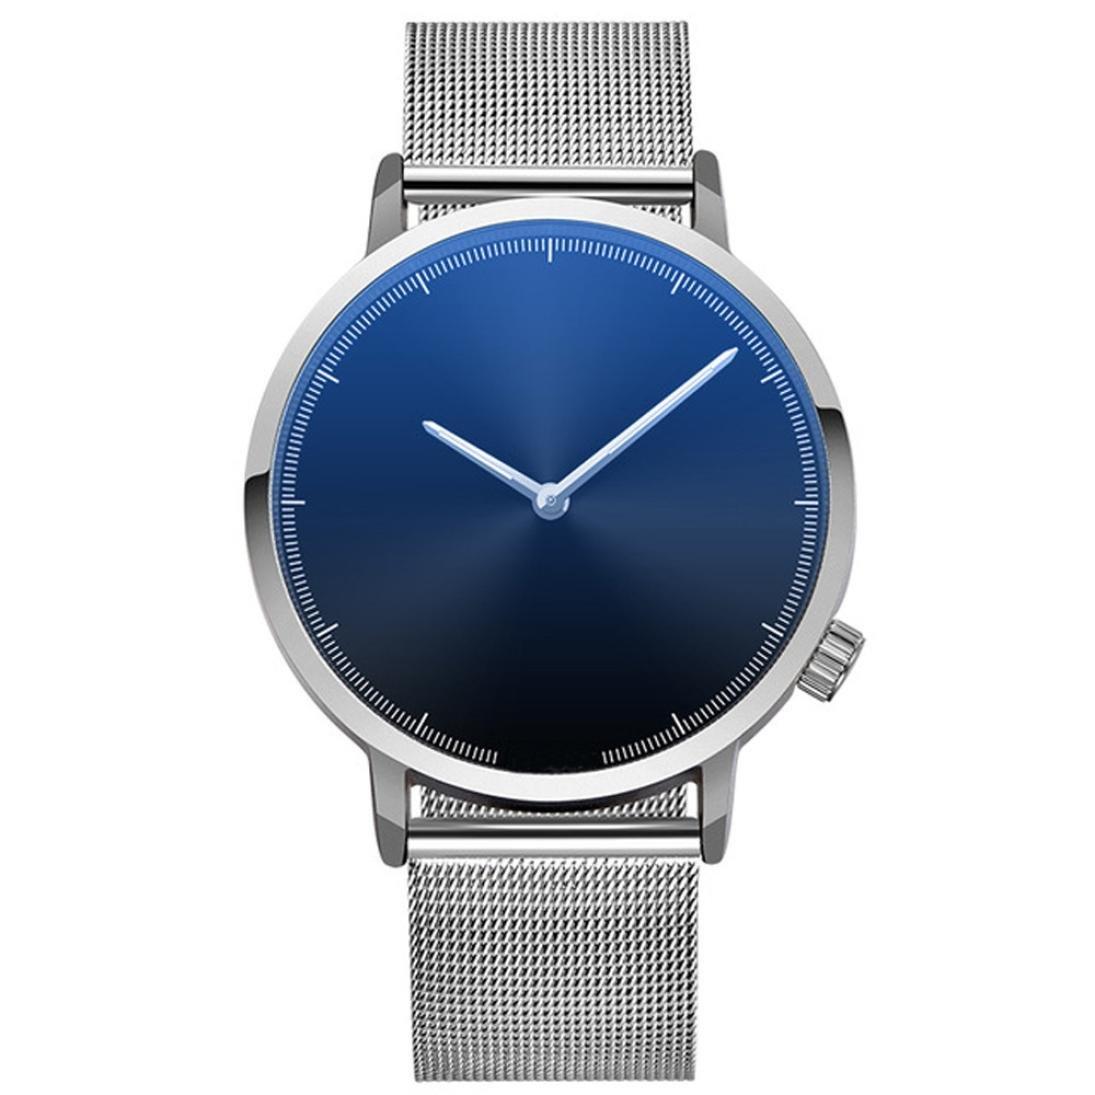 Reloj muñeca mujer,KanLin1986 bisuteria mujer reloj mujer de acero inoxidable relojes mujer deportivo regalos mujer reloj militar mecanico relojes de cuarzo ...